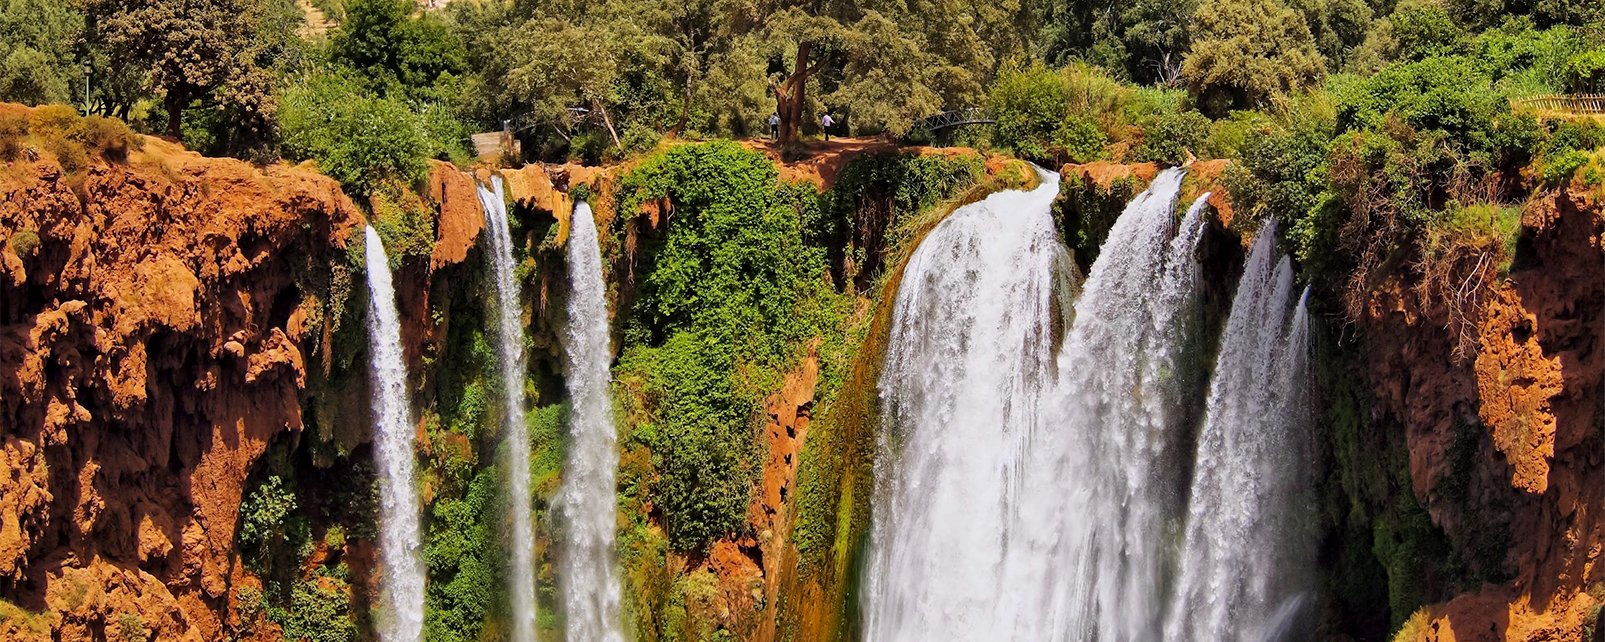 , Les cascades d'Ouzoud, Les paysages, Maroc-le Centre